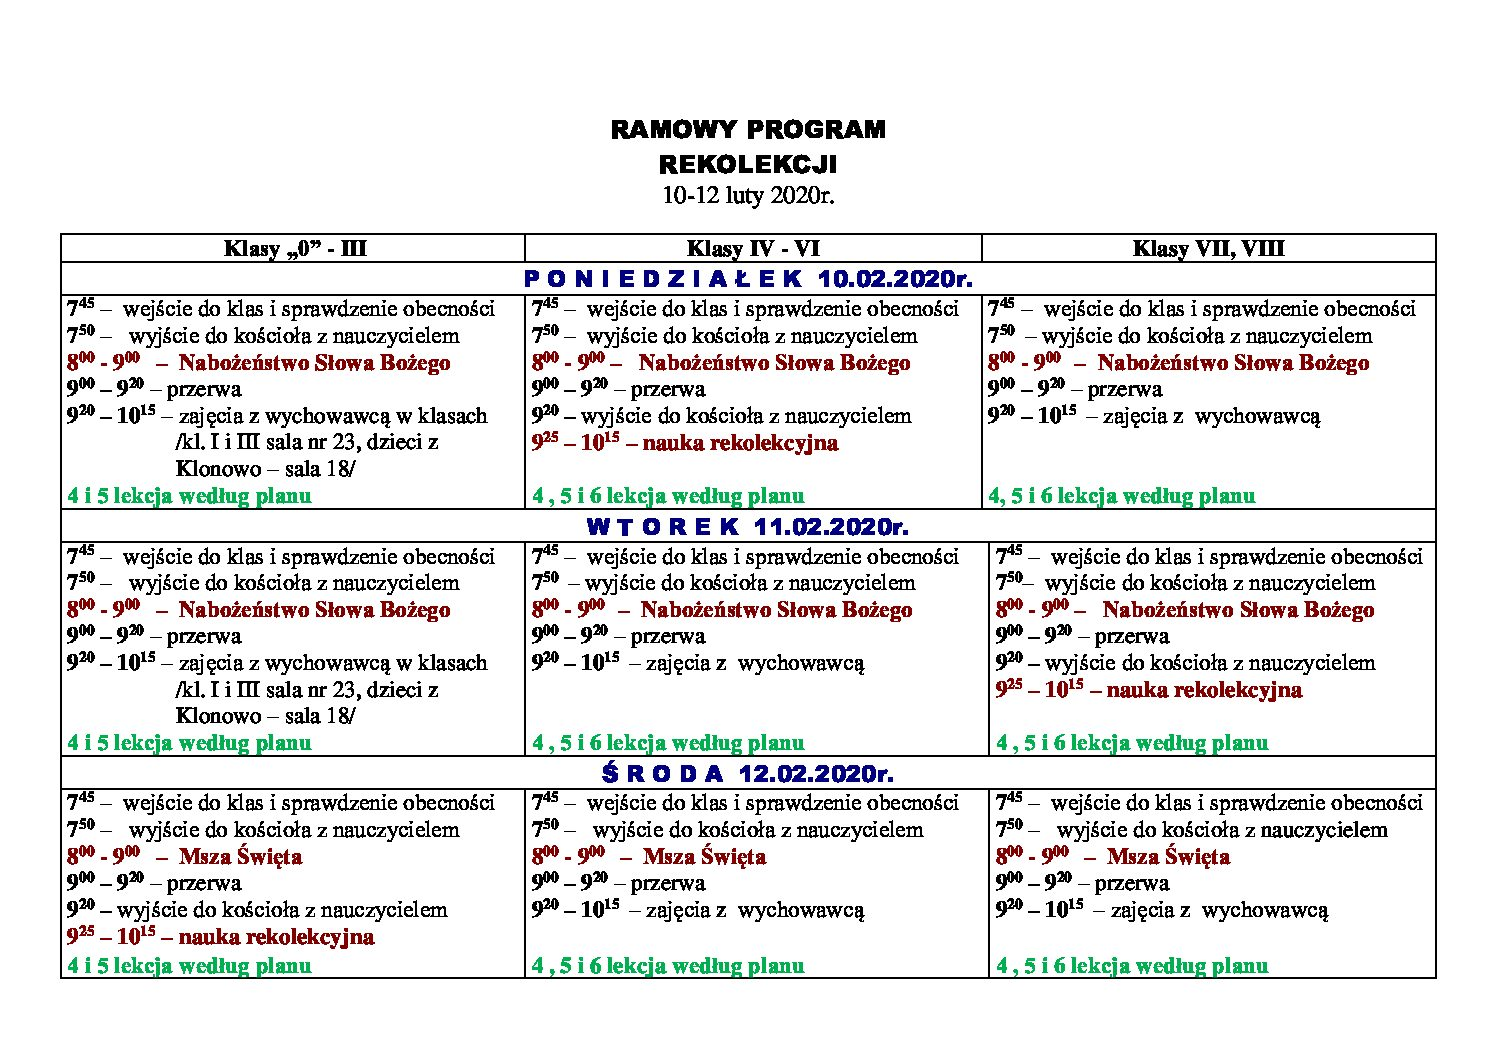 Program Rekolekcji 10-12 luty 2020